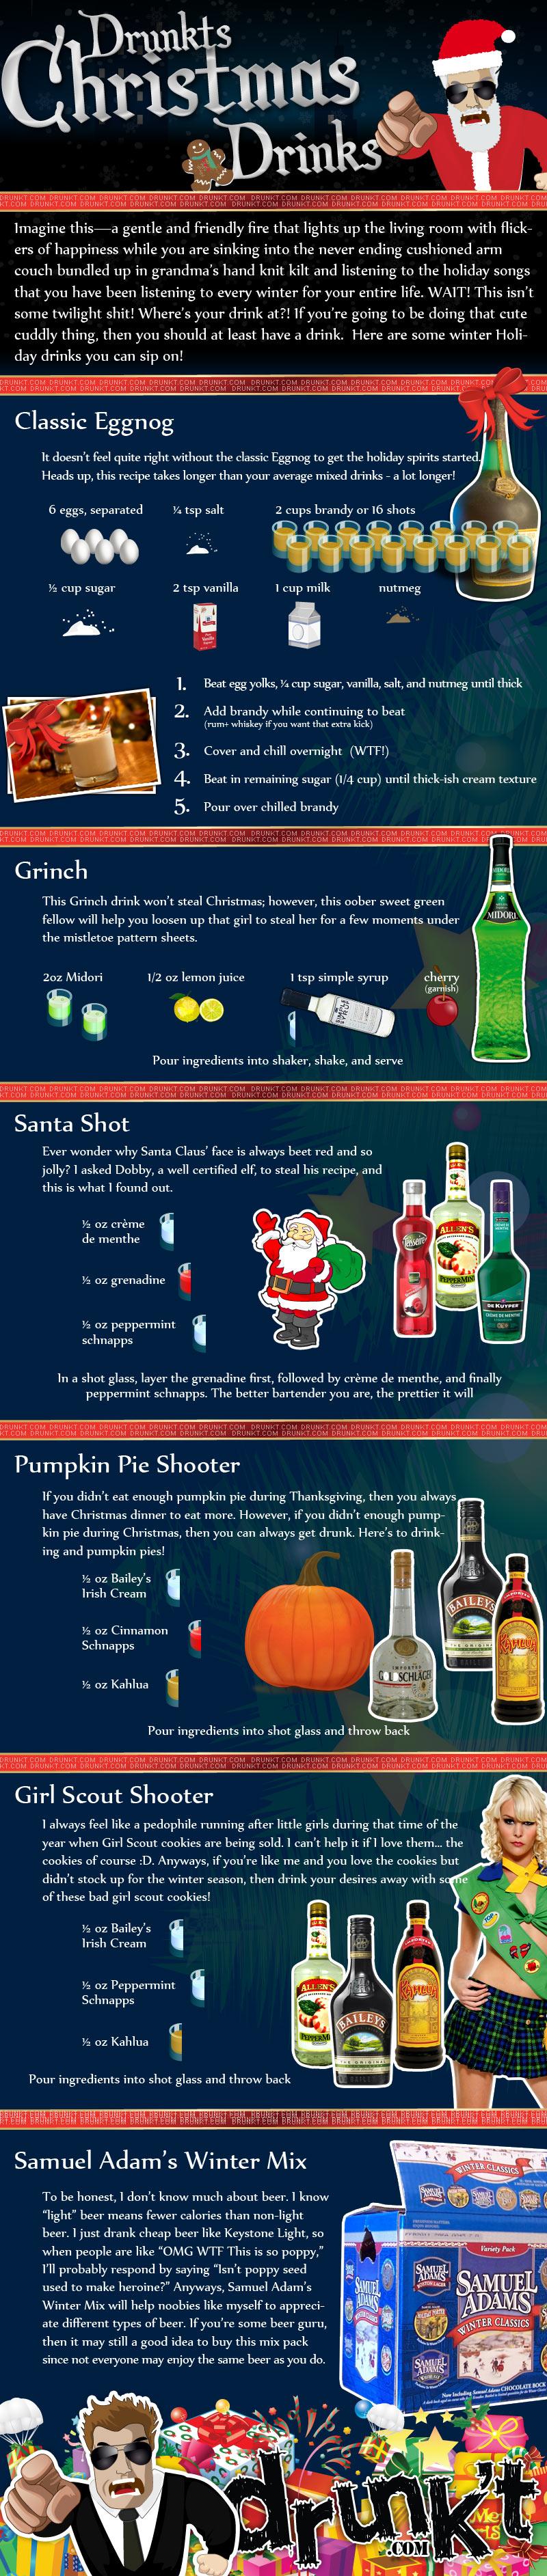 6 Christmas Drinks